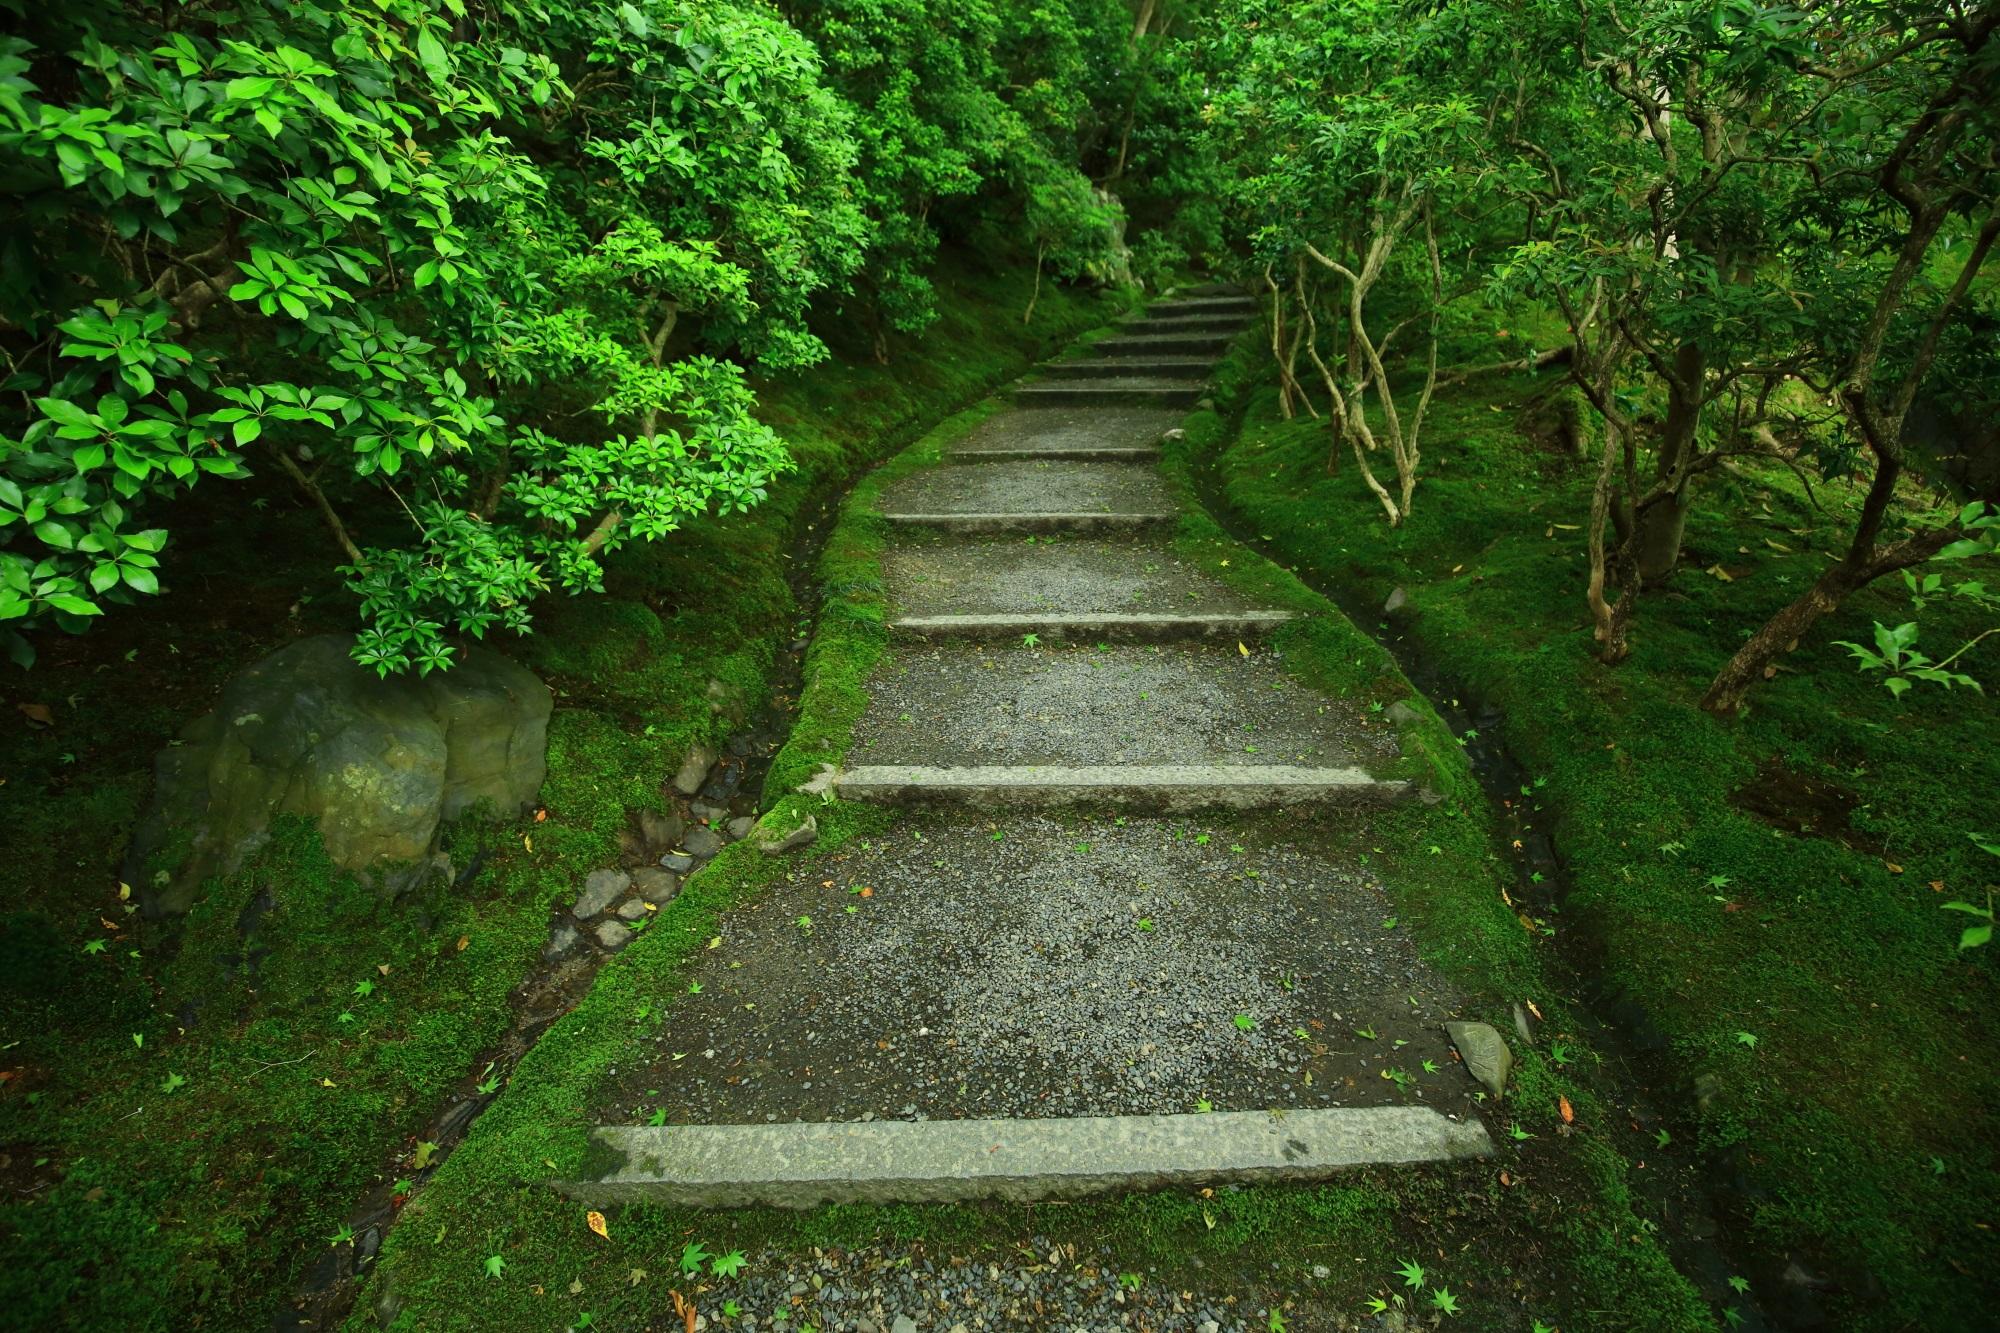 瑠璃光院の見事な苔と緑につつまれた参道